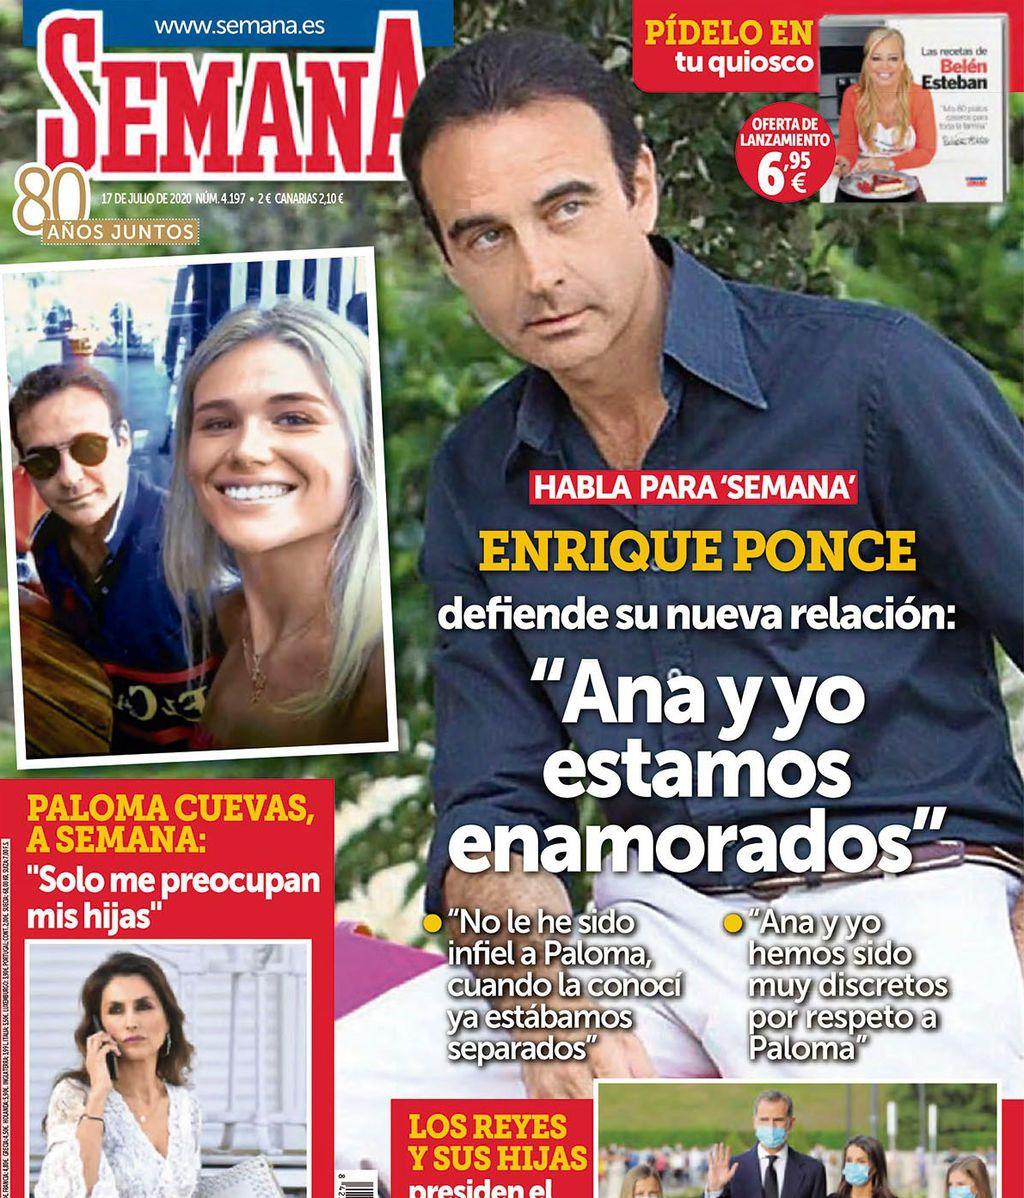 La entrevista a Enrique Ponce